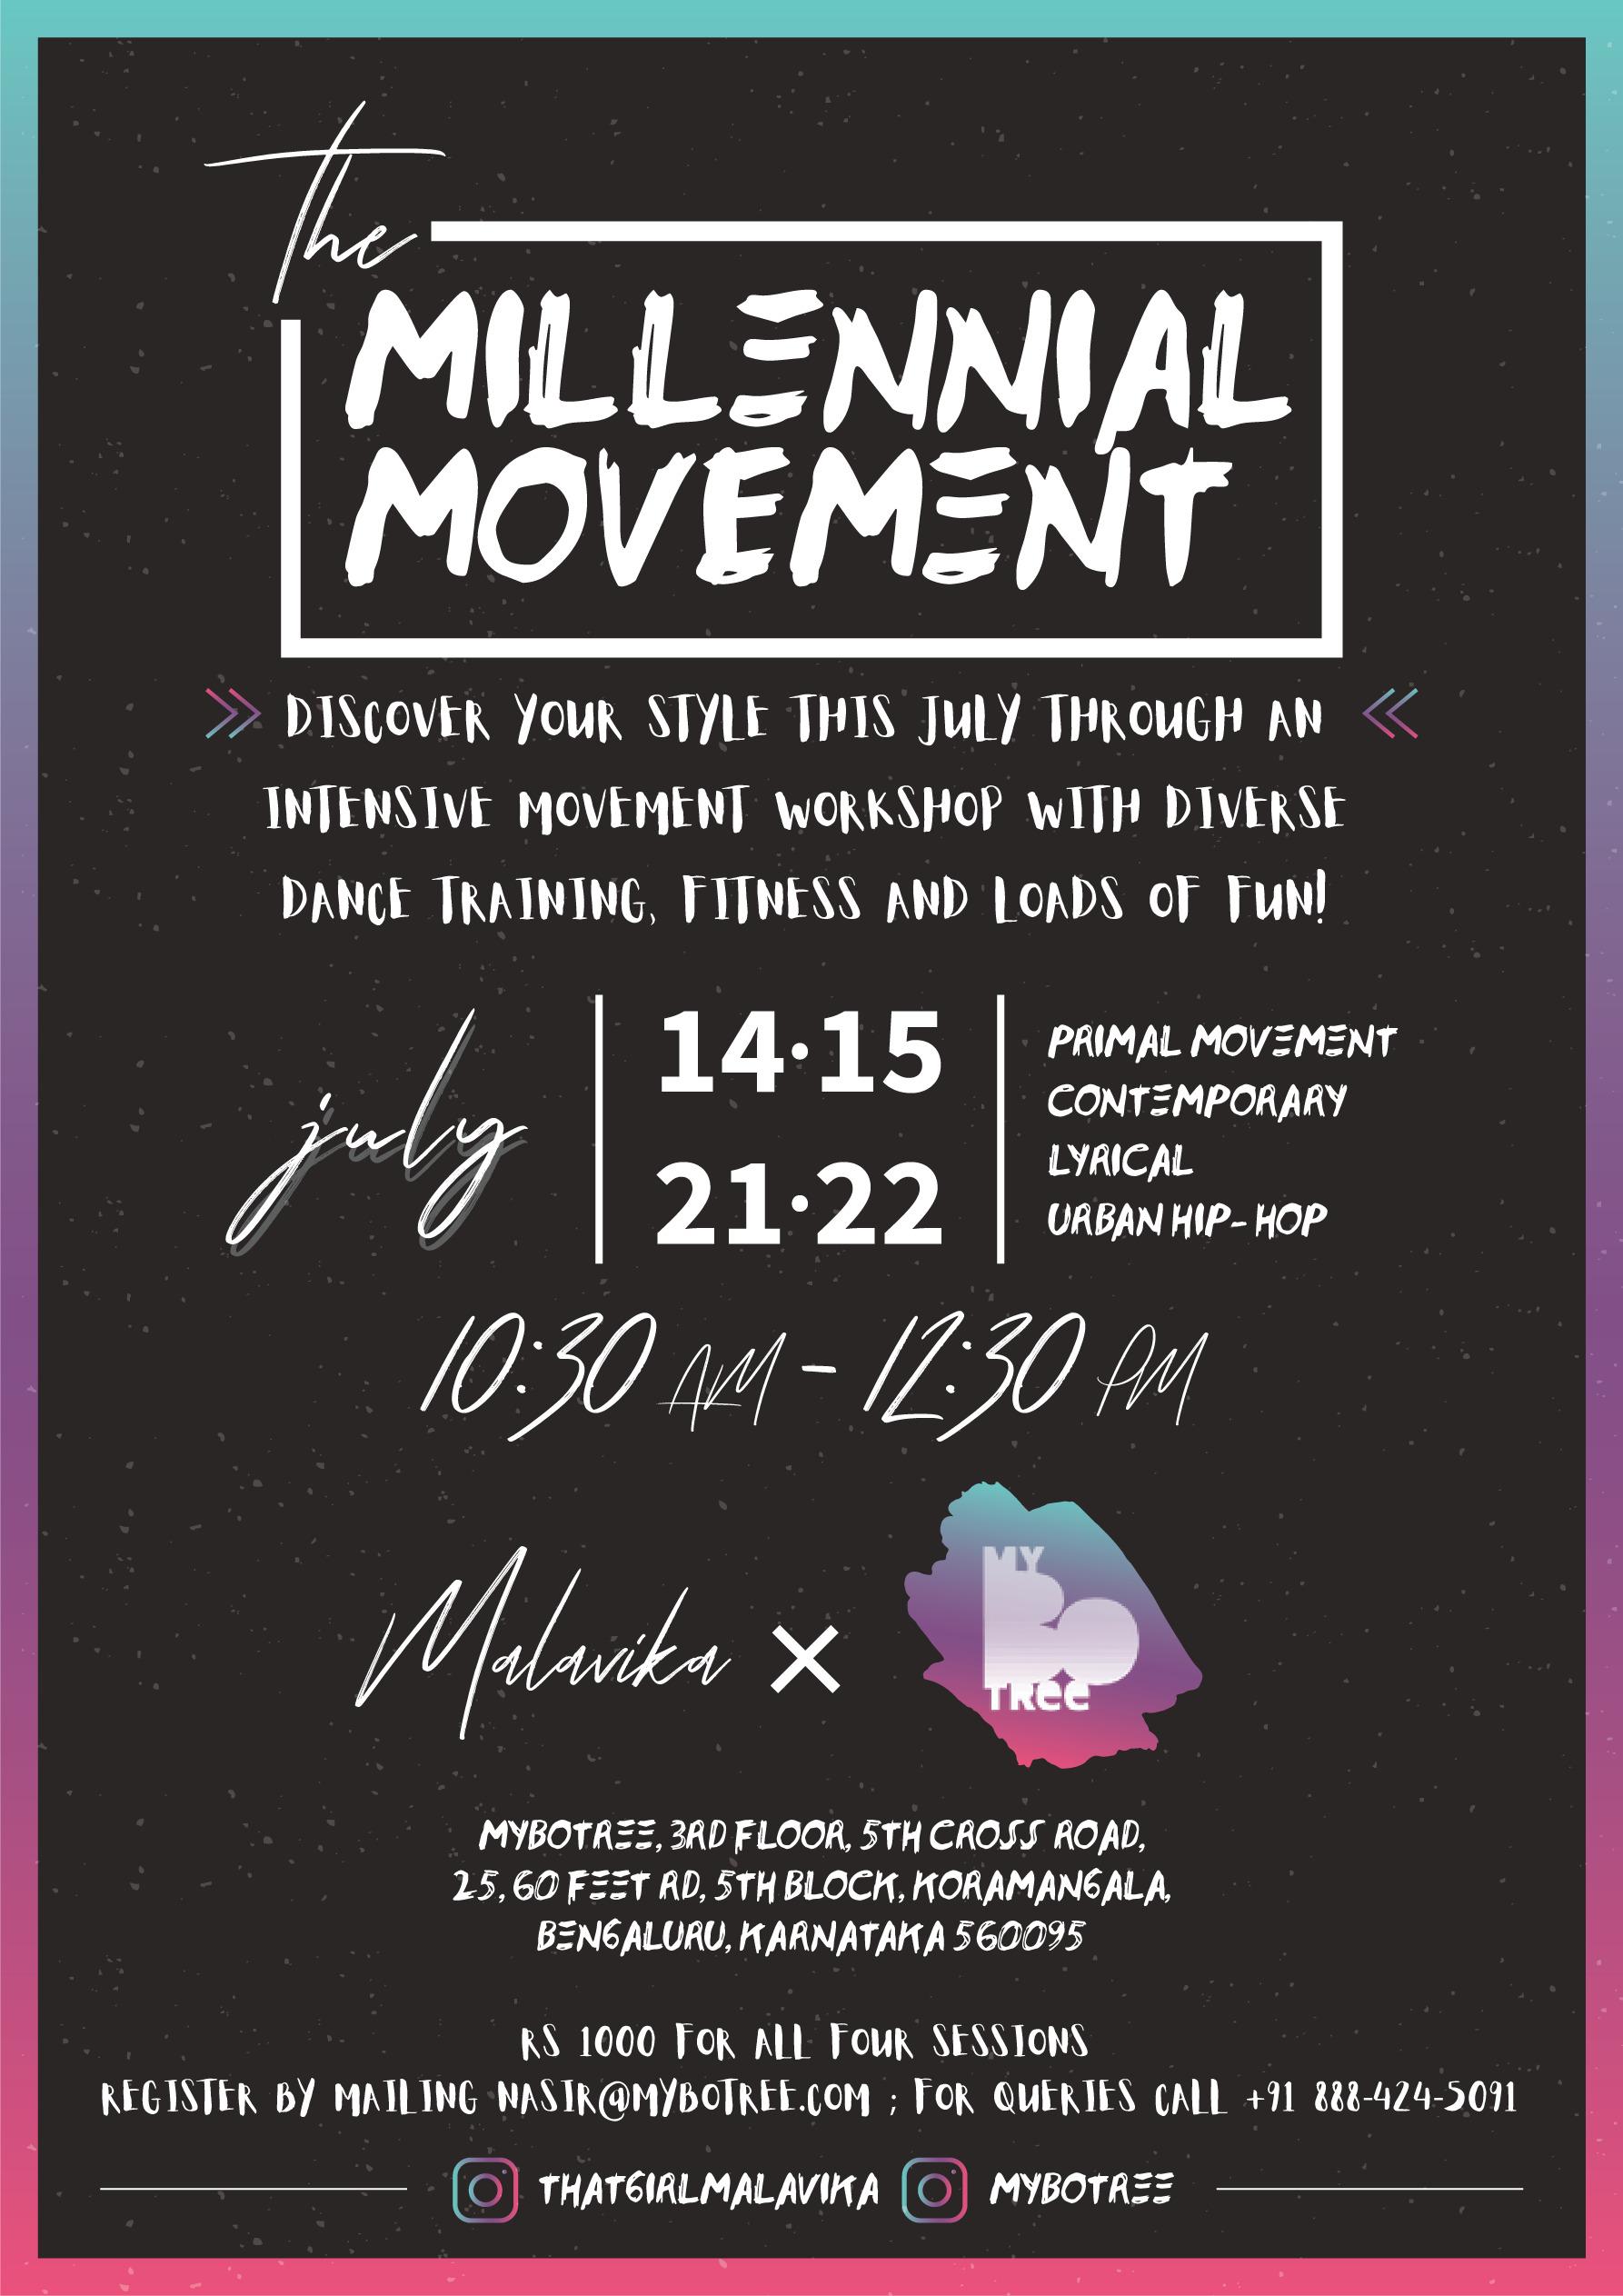 Millenial Movement